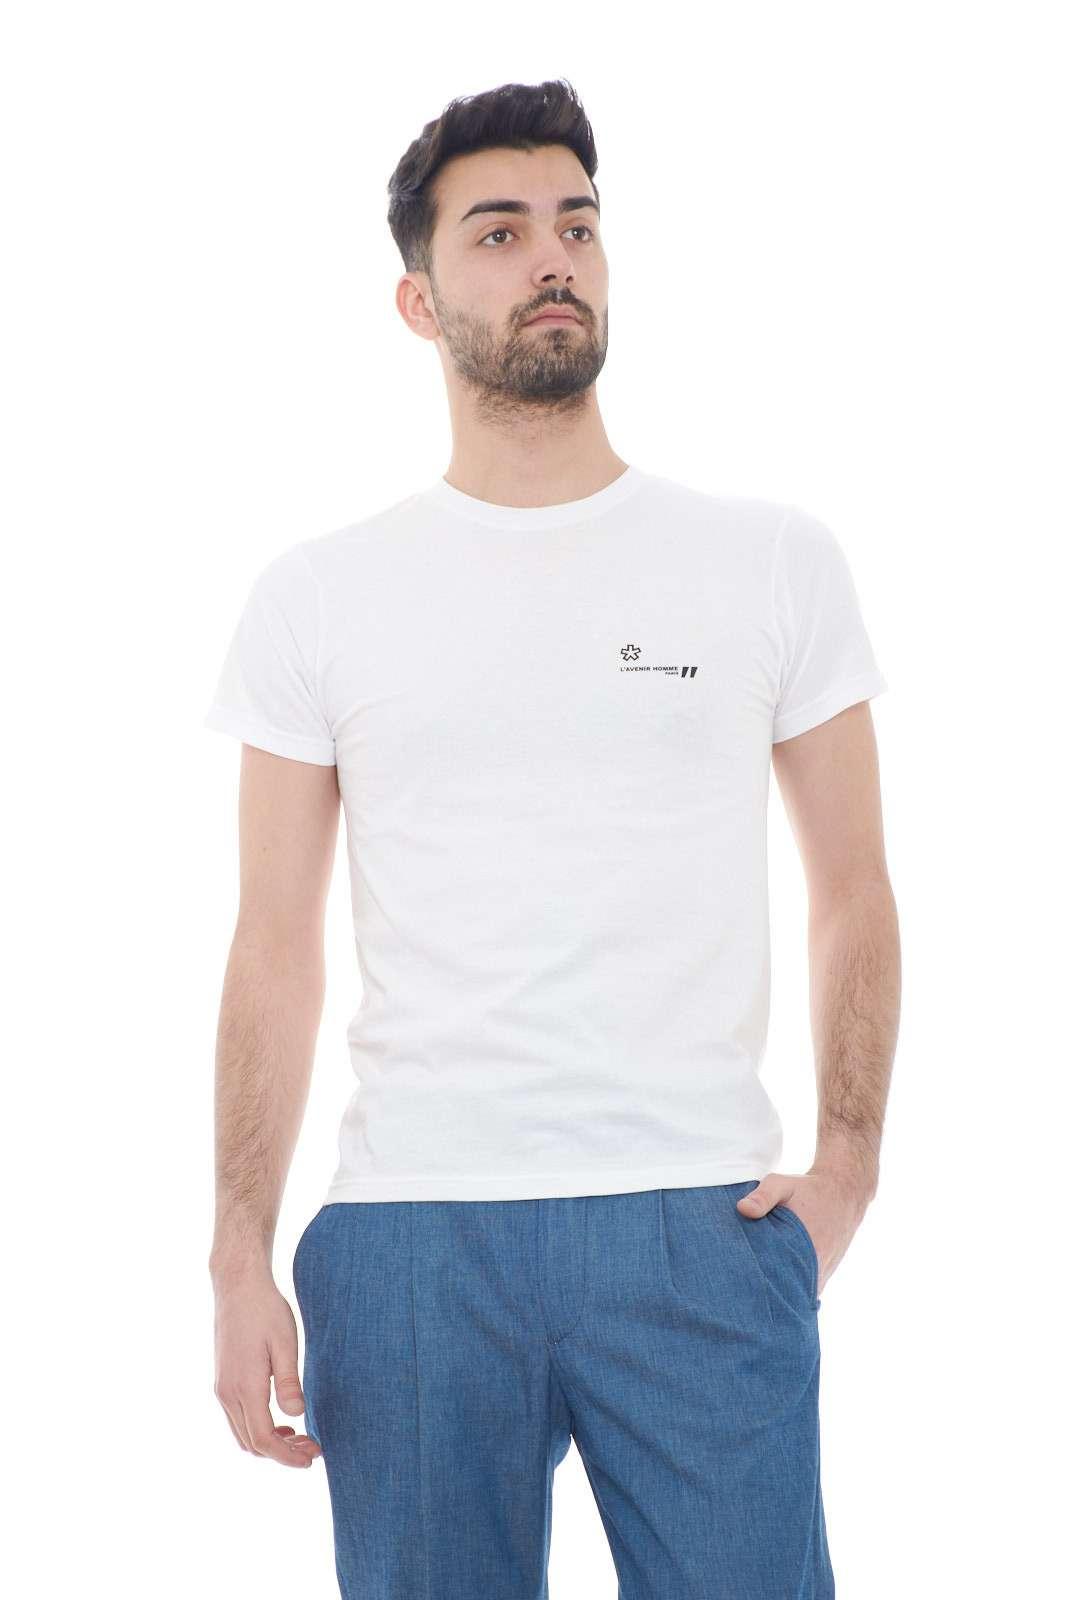 Un effetto minimal per la nuova T shirt proposta dalla collezione uomo Daniele Alessandrini.  Il tessuto in jersey di cotone si impone con un effetto basic per un risultato chic.  Da abbinare con ogni stile è un evergreen.